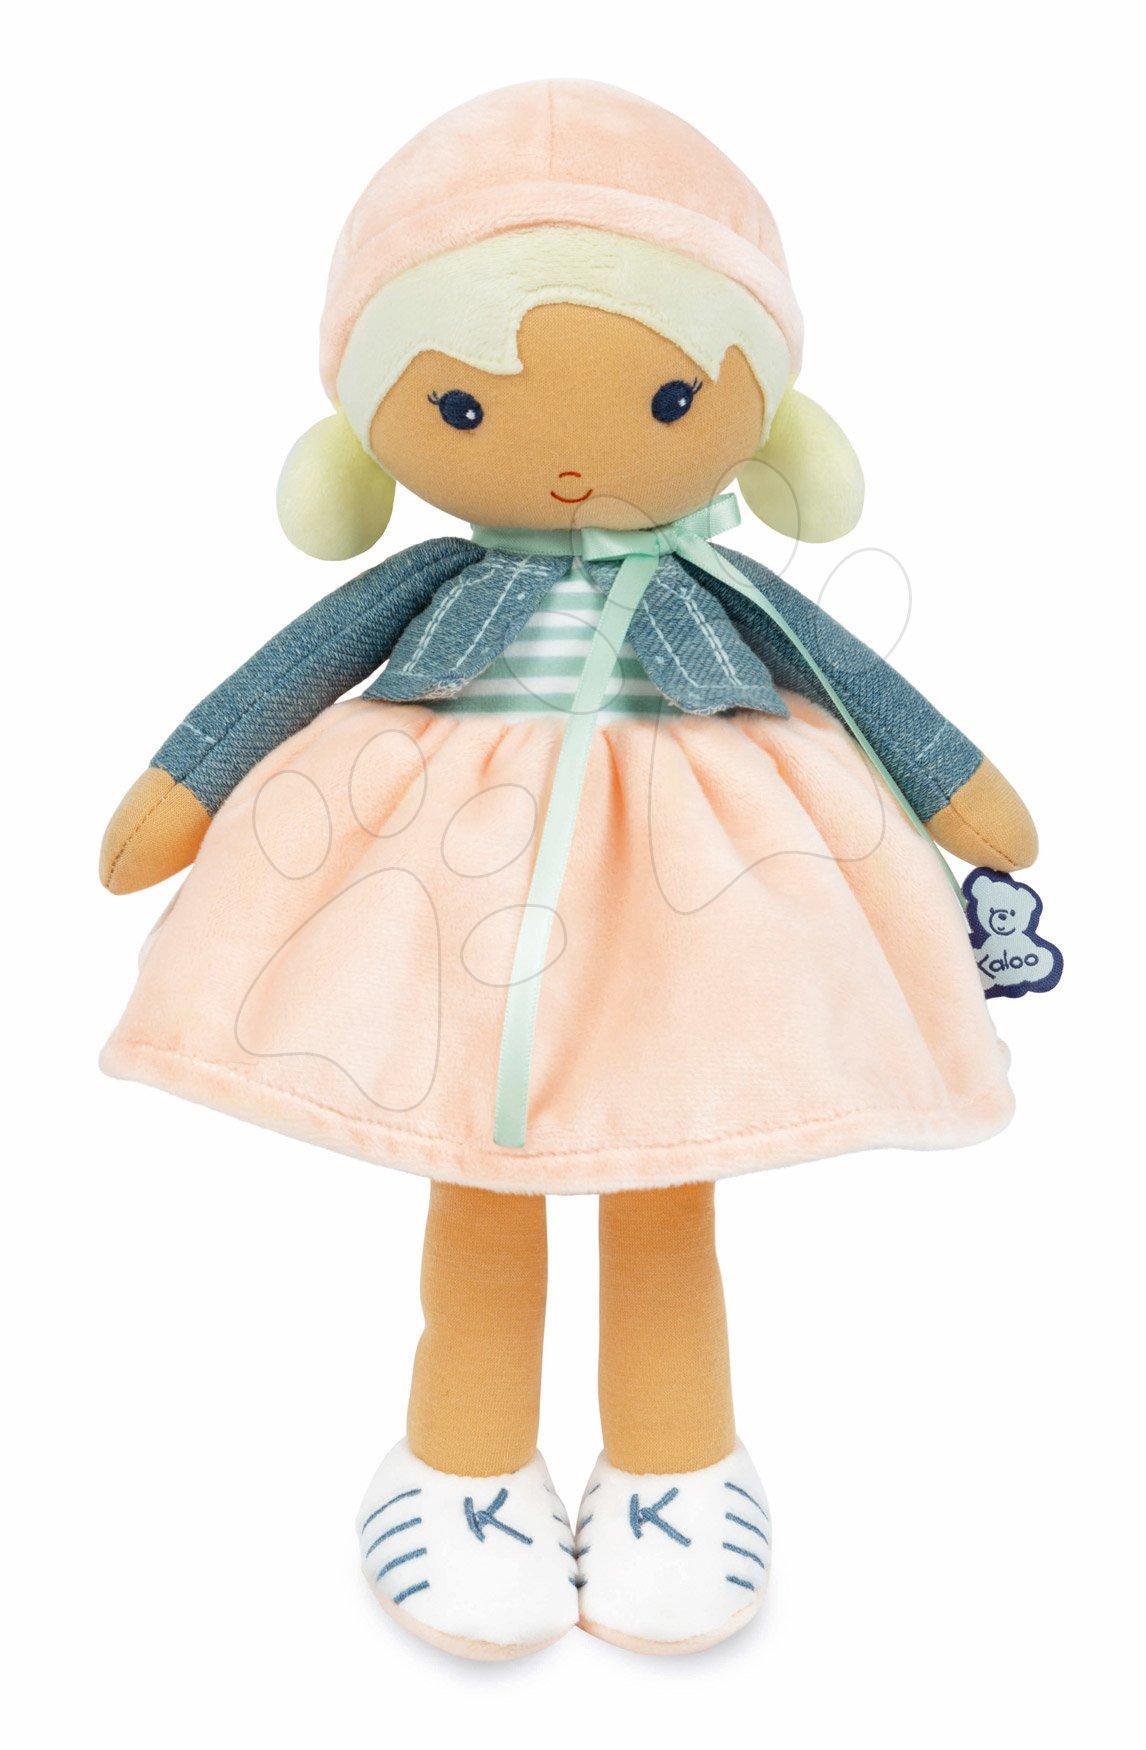 Rongybaba legkisebbeknek Chloe K Doll Tendresse Kaloo 25 cm farmer kabátban puha textilből ajándékcsomagolásban 0 hó-tól